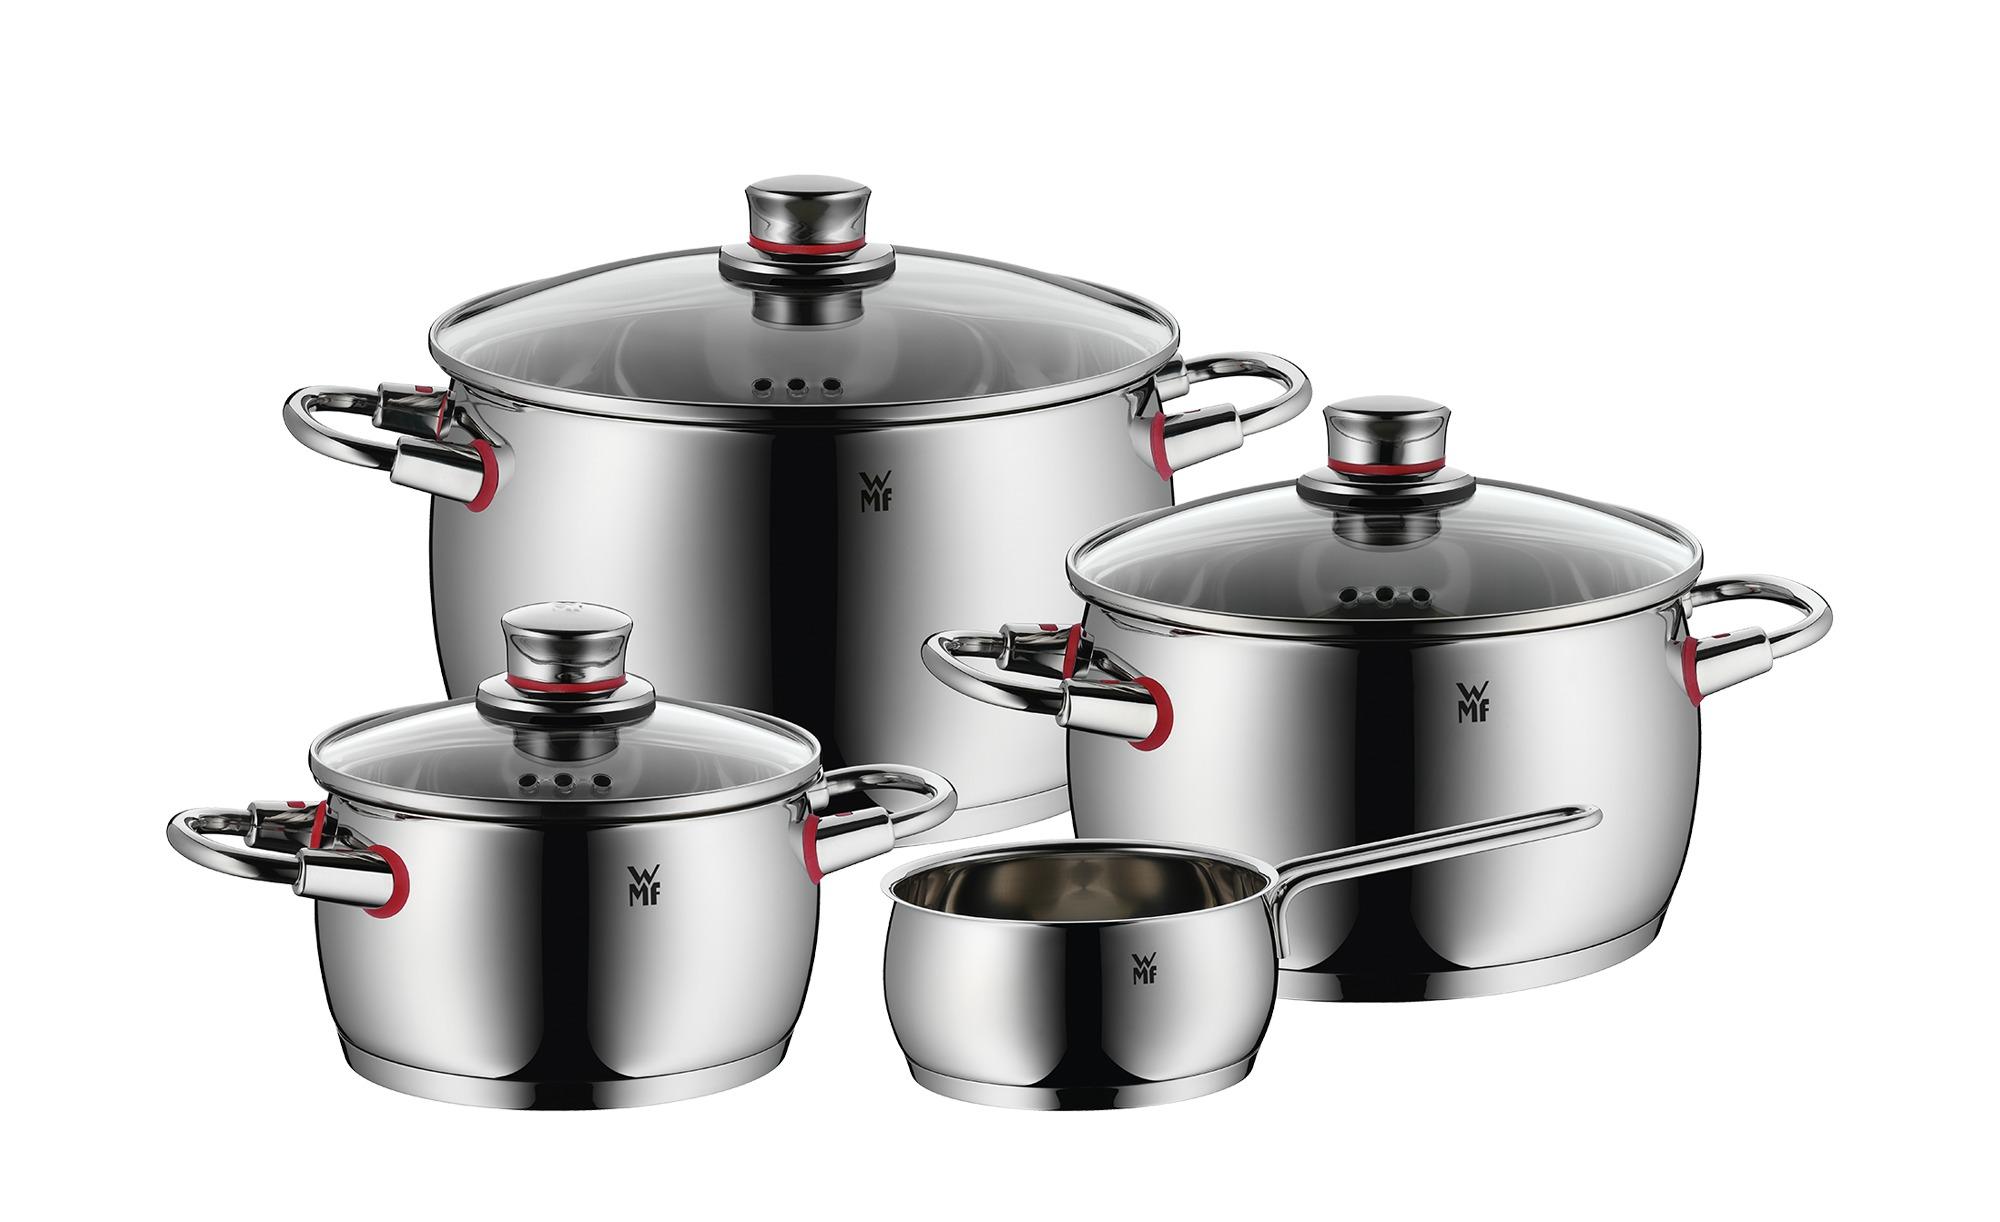 WMF Topfset, 4-teilig  Quality One - silber - Edelstahl - Töpfe & Pfannen & Zubehör > Topf und Pfannen-Sets - Möbel Kraft | Küche und Esszimmer > Kochen und Backen > Töpfe | WMF